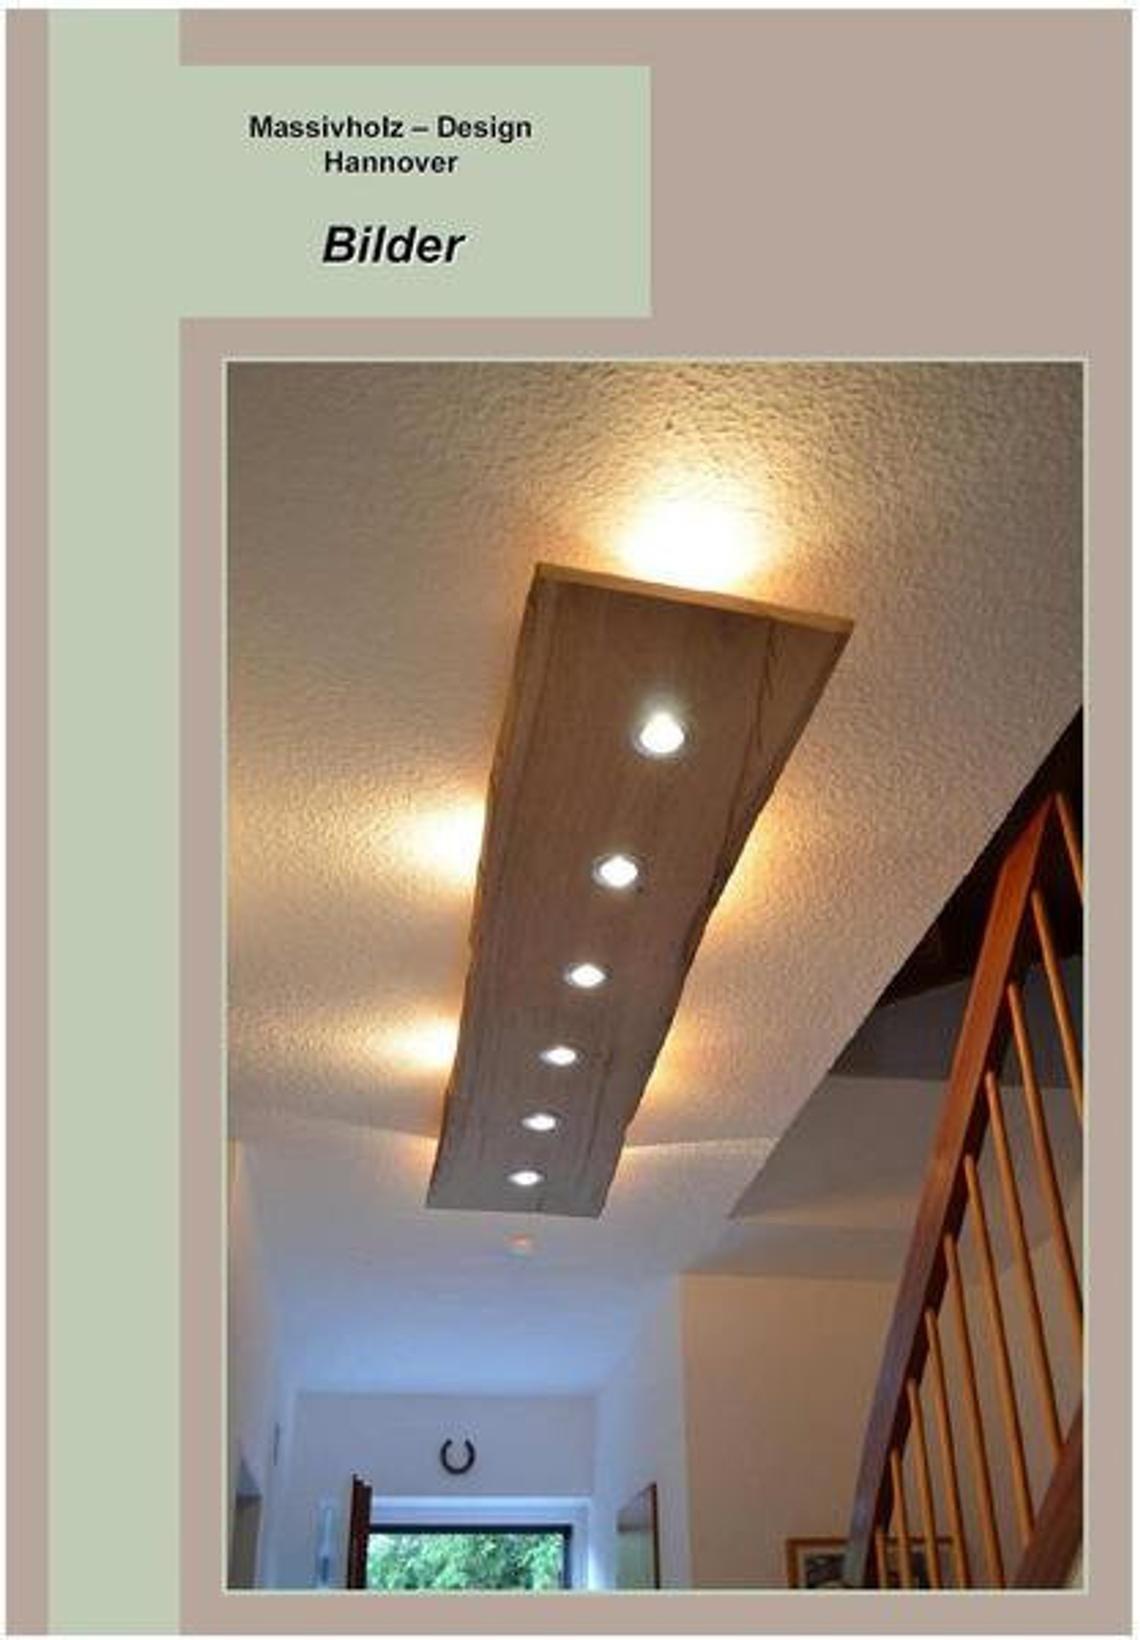 Full Size of Wohnzimmer Lampe Selber Machen Selbst Bauen Beleuchtung Led Holz Leuchte Indirekte Dimmbar Decke Wohnzimmerleuchte Lampen Küche Wandbild Deckenlampe Bad Wohnzimmer Wohnzimmer Lampe Selber Bauen